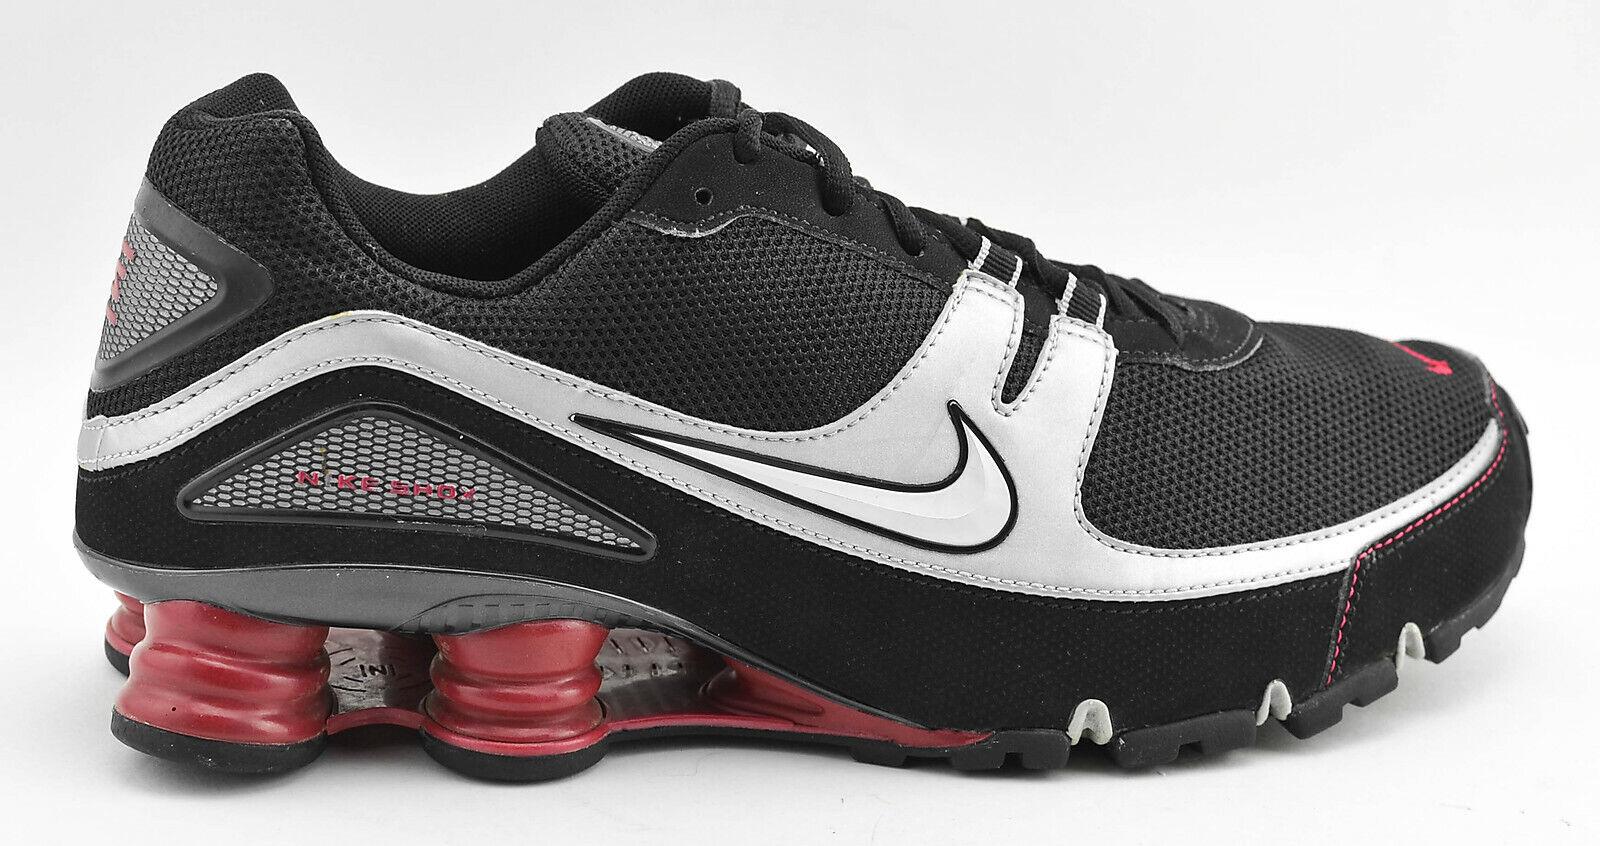 NIKE 2007 SHOX  TURBO PLUS V RUNNING scarpe Dimensione 11.5 nero SIVLER ROSSO 316872 011  vieni a scegliere il tuo stile sportivo